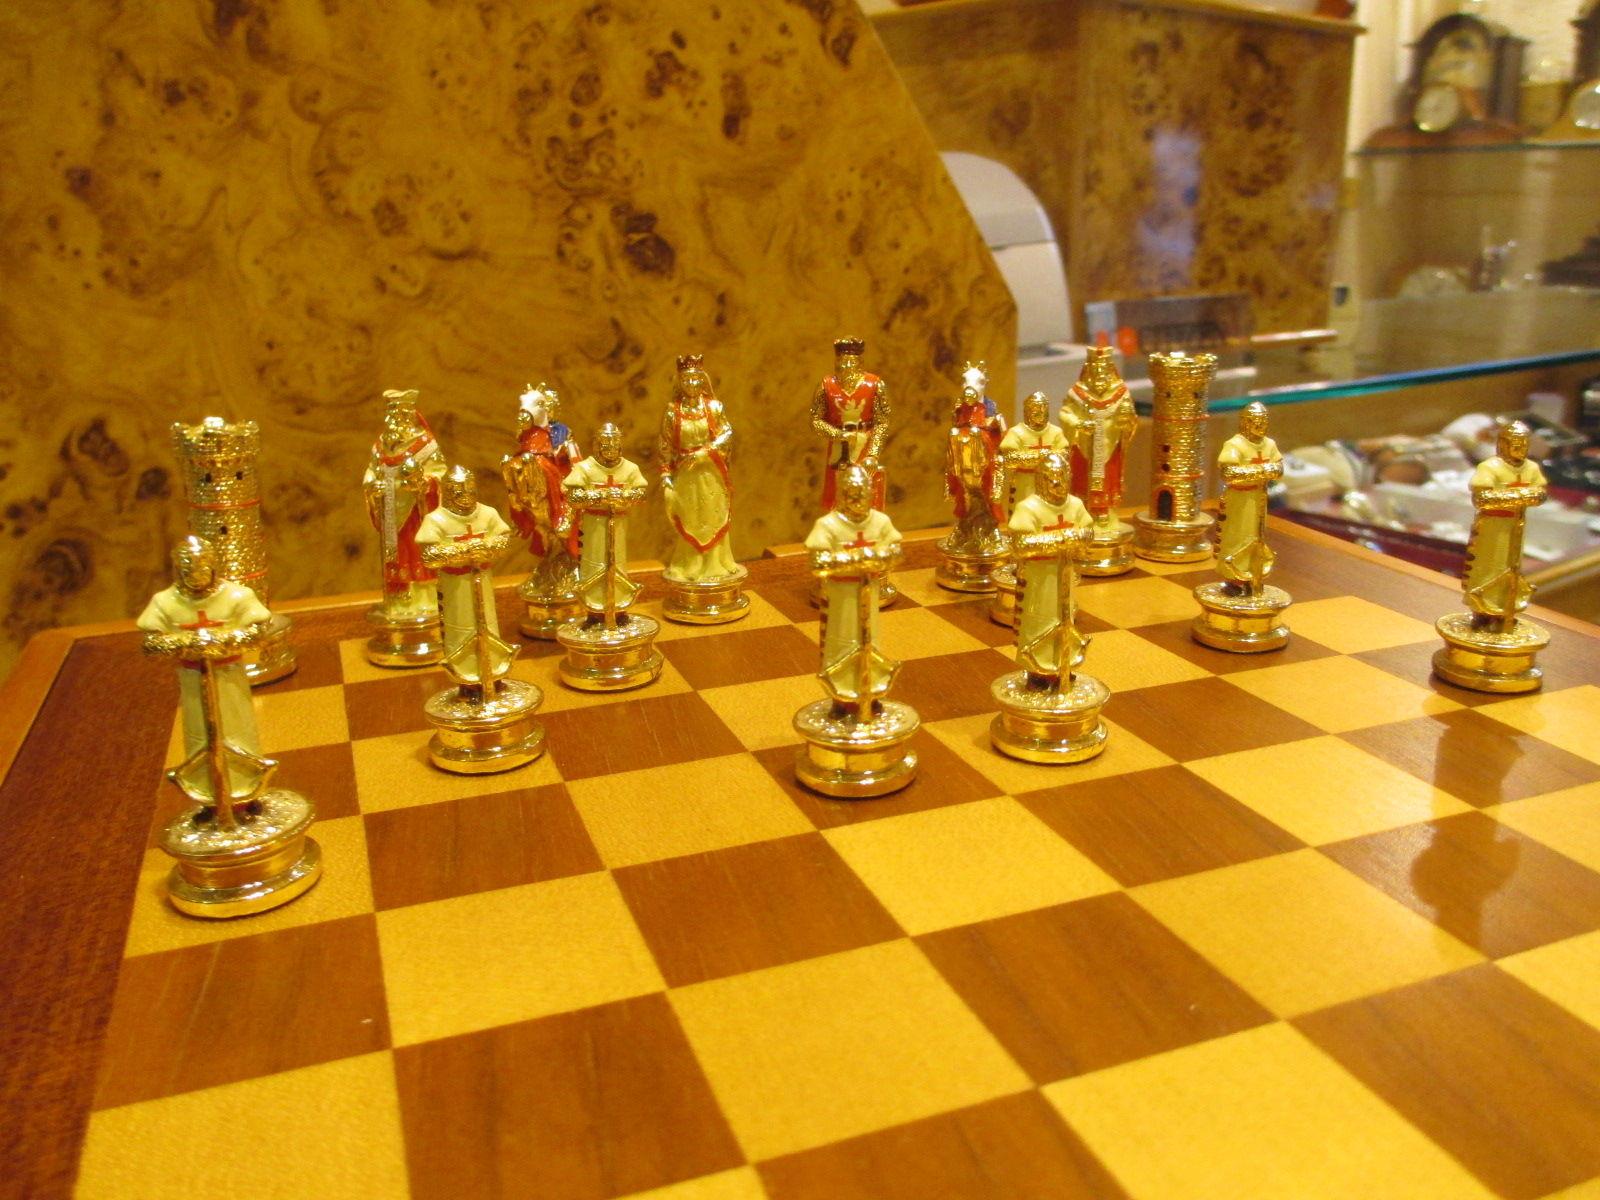 Foto 12 de Relojería en Madrid | Relojería Joyería Chile 23